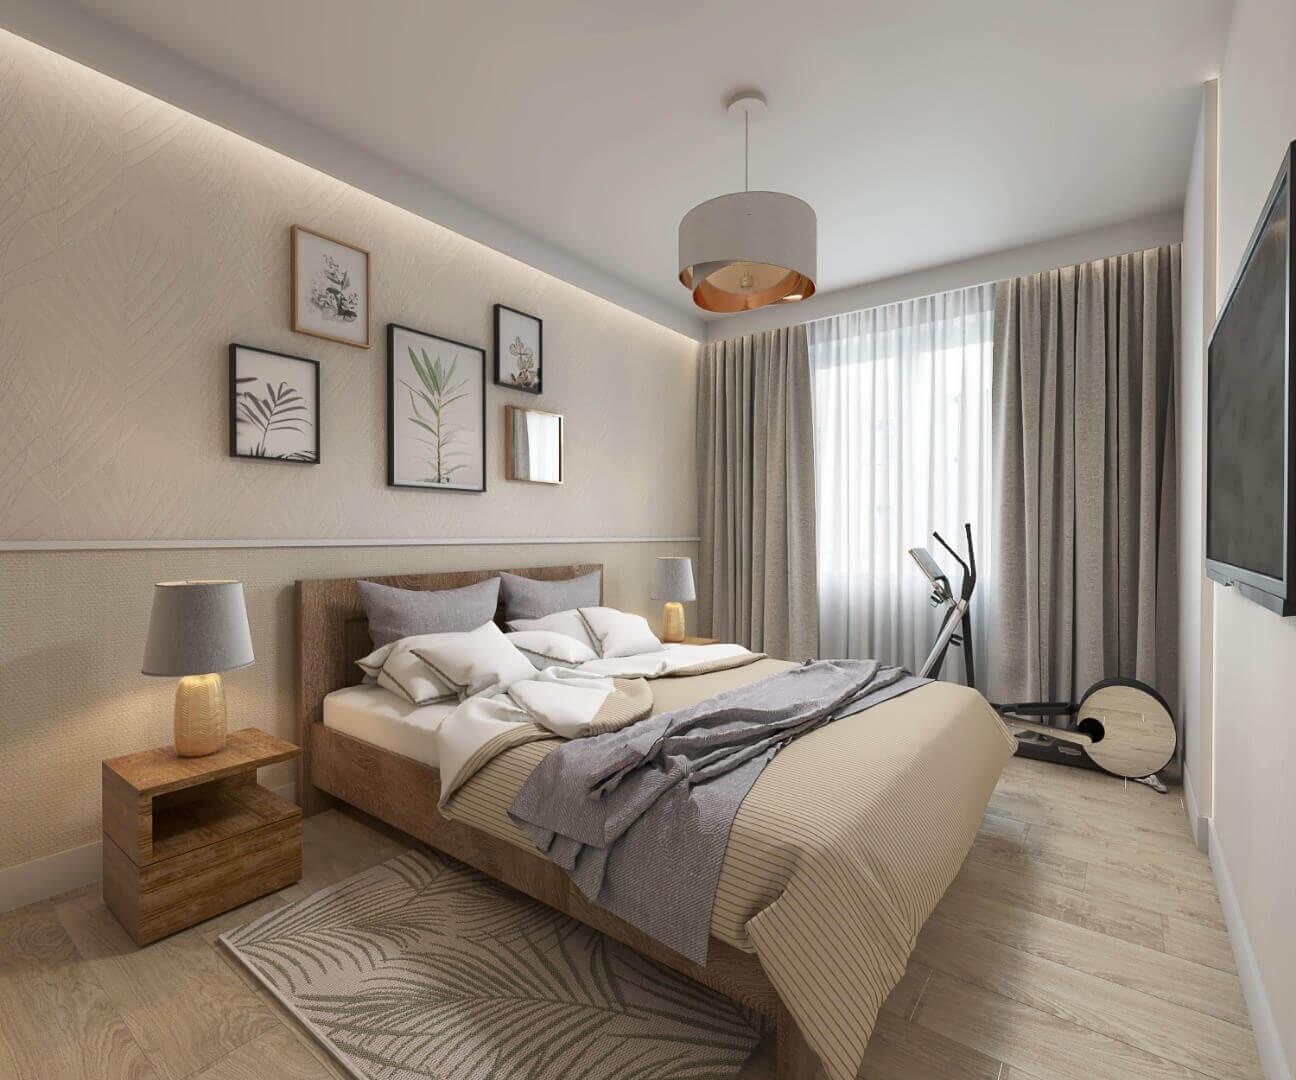 sypialnia - mieszkanie 43m2